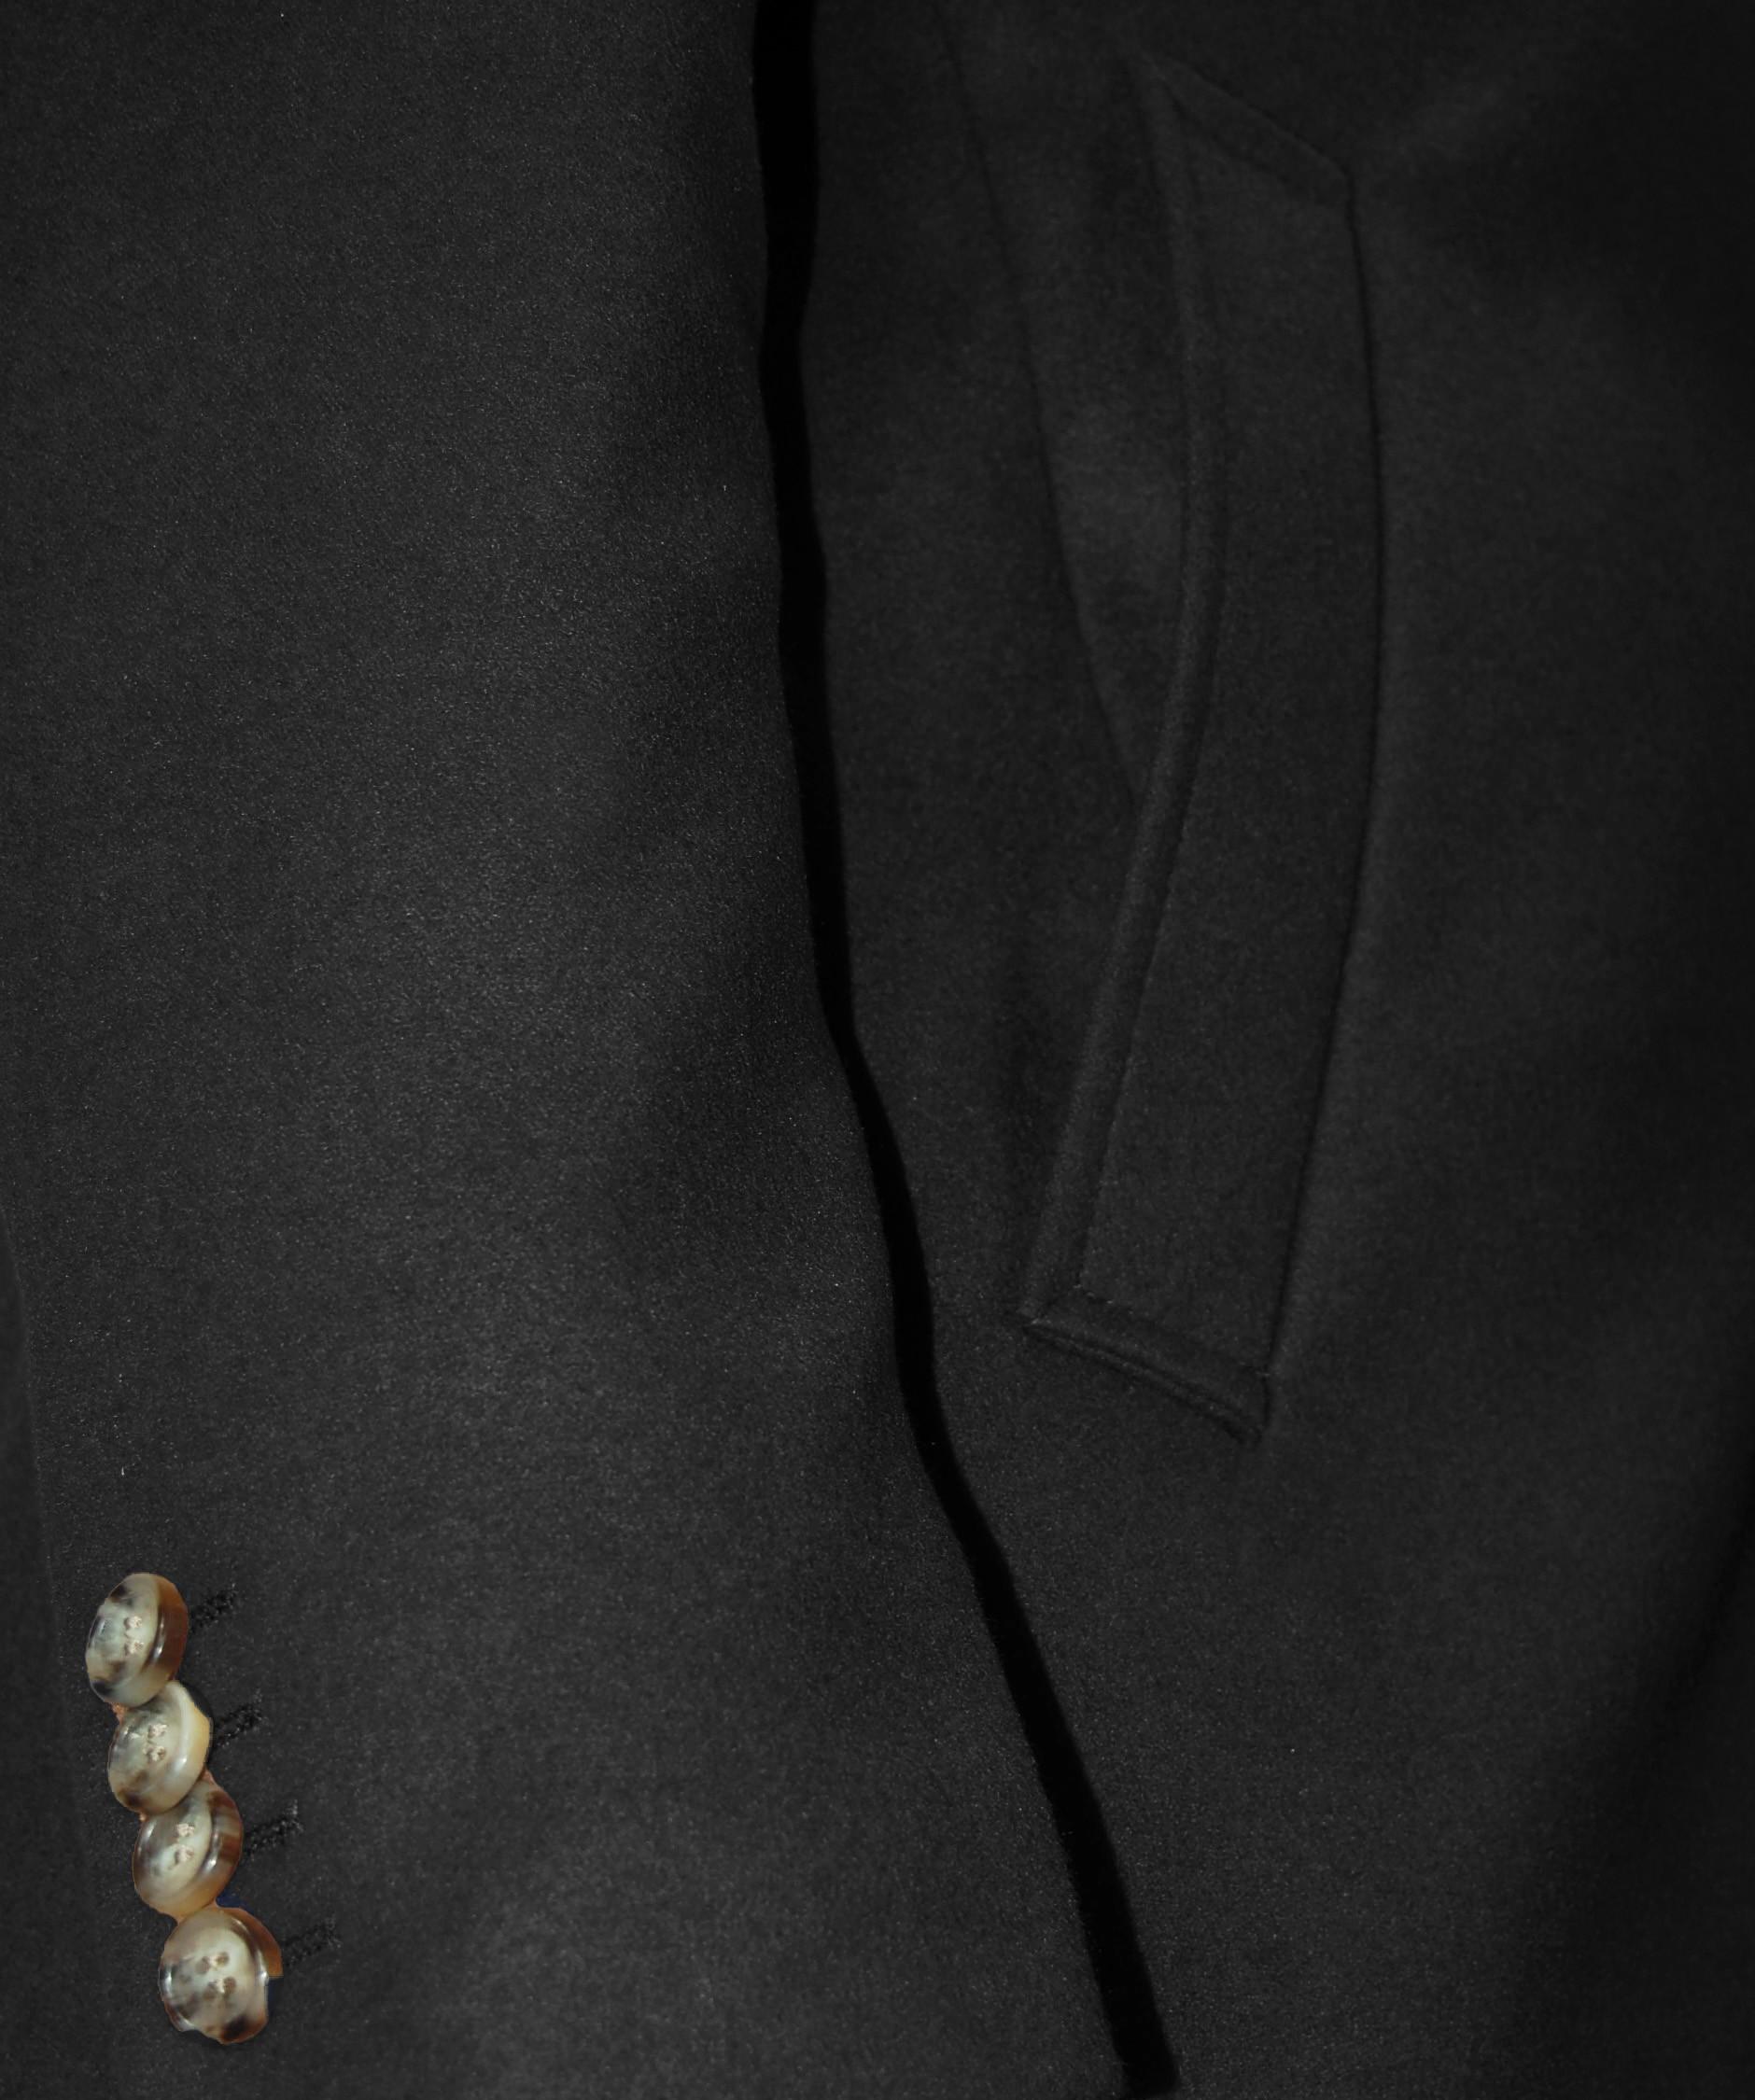 Cappotto-Uomo-Elegante-Giubbotto-Invernale-Blu-Camel-Trench-Lungo miniature 28